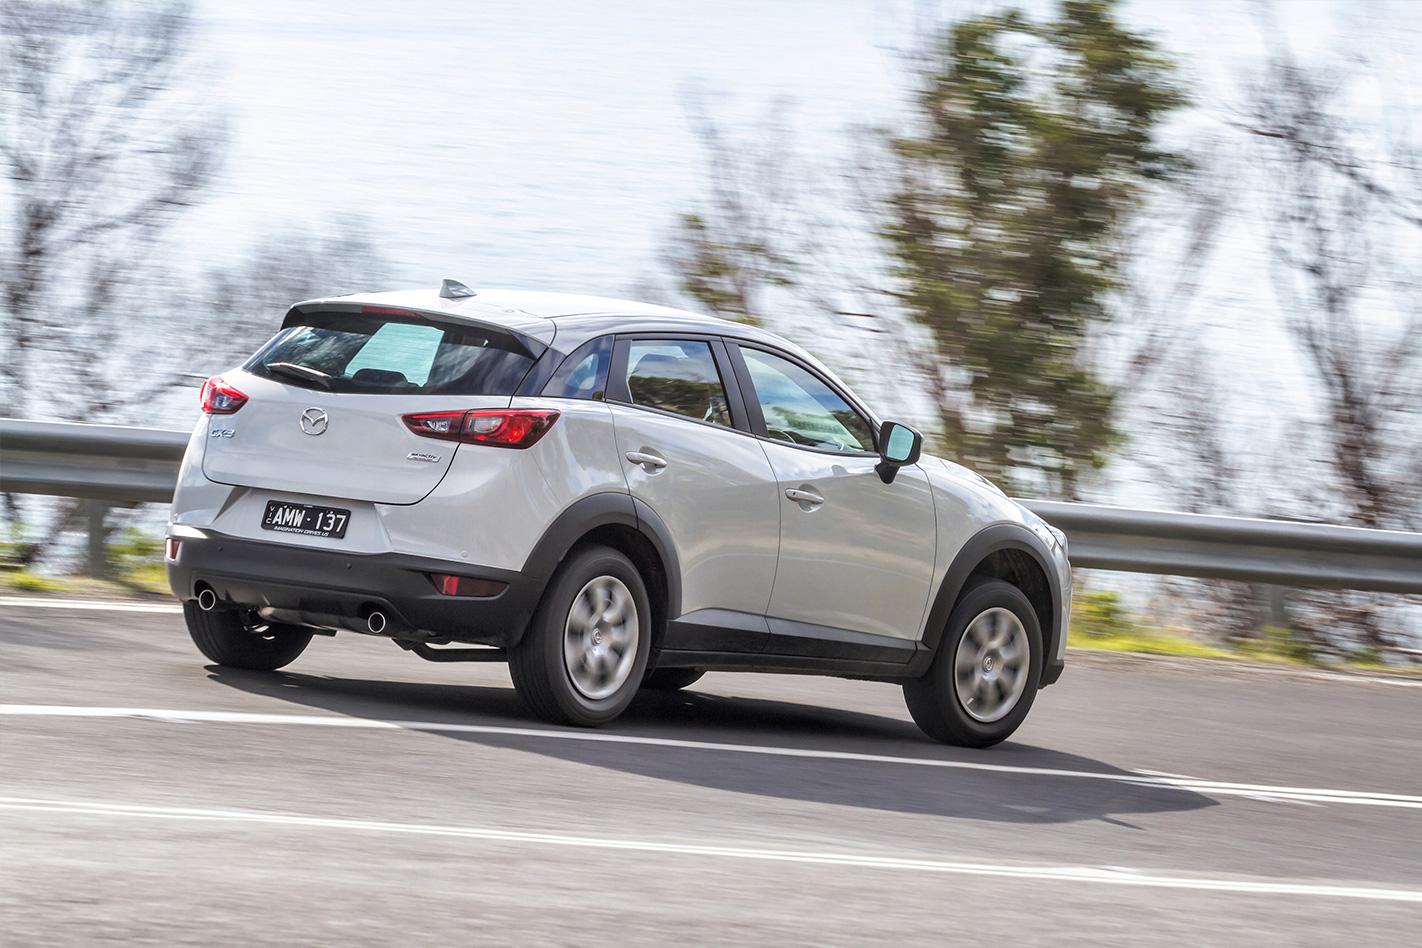 2017 Mazda CX-3: Which spec is best?